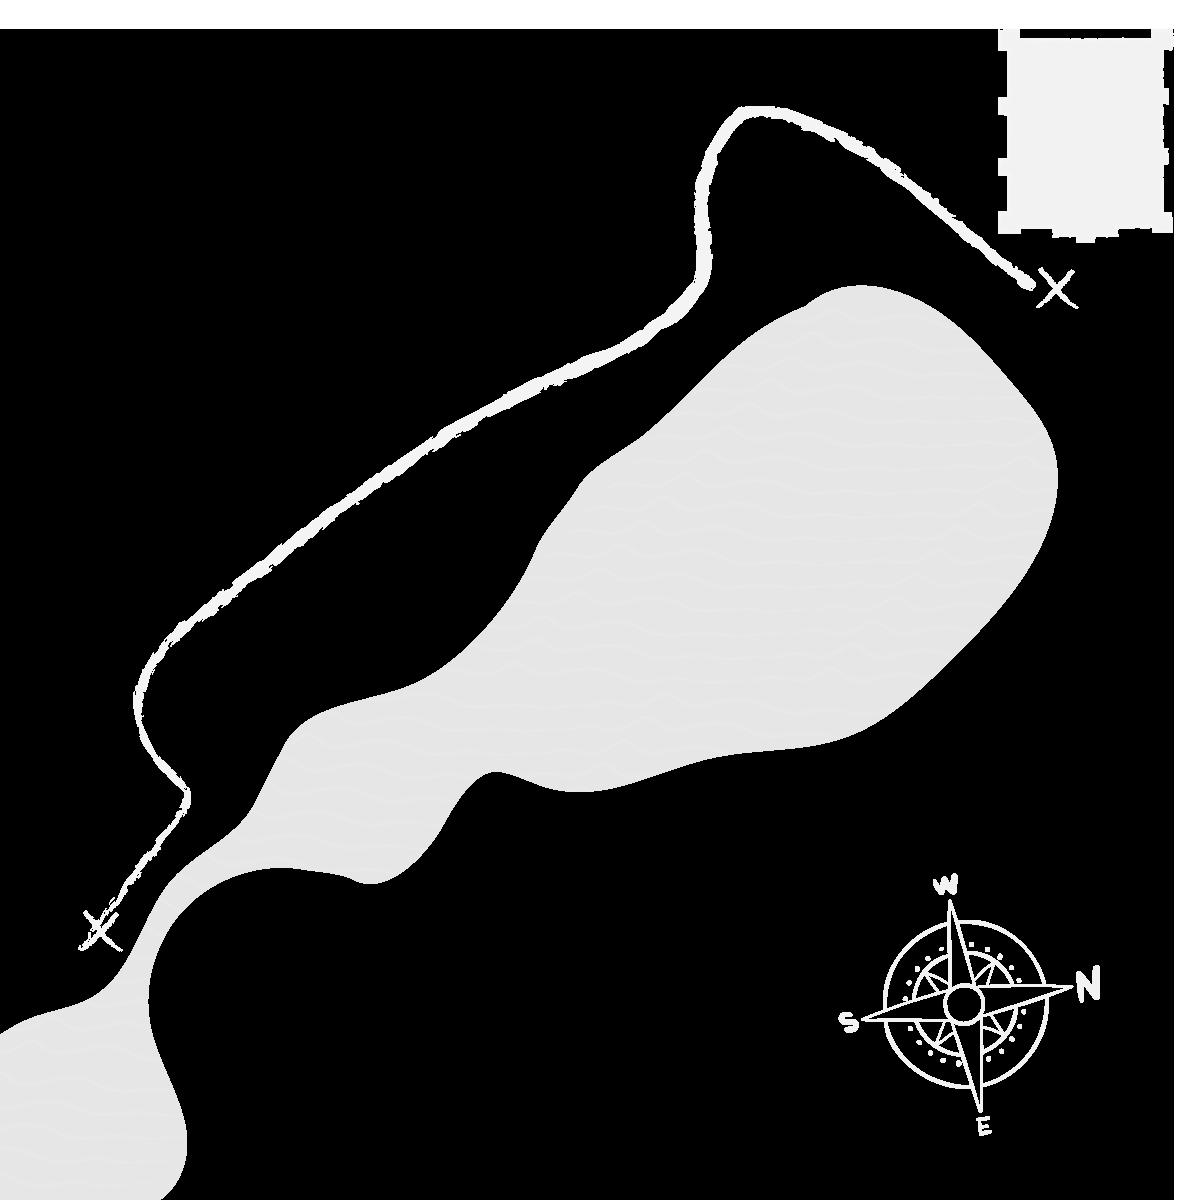 Grafika przedstawia zarys jeziora szymbarskiego z oznaczeniem zamku przy jego północno wschodnim brzegu oraz wskazaniem punktu widokowego przy południowym krańcu.